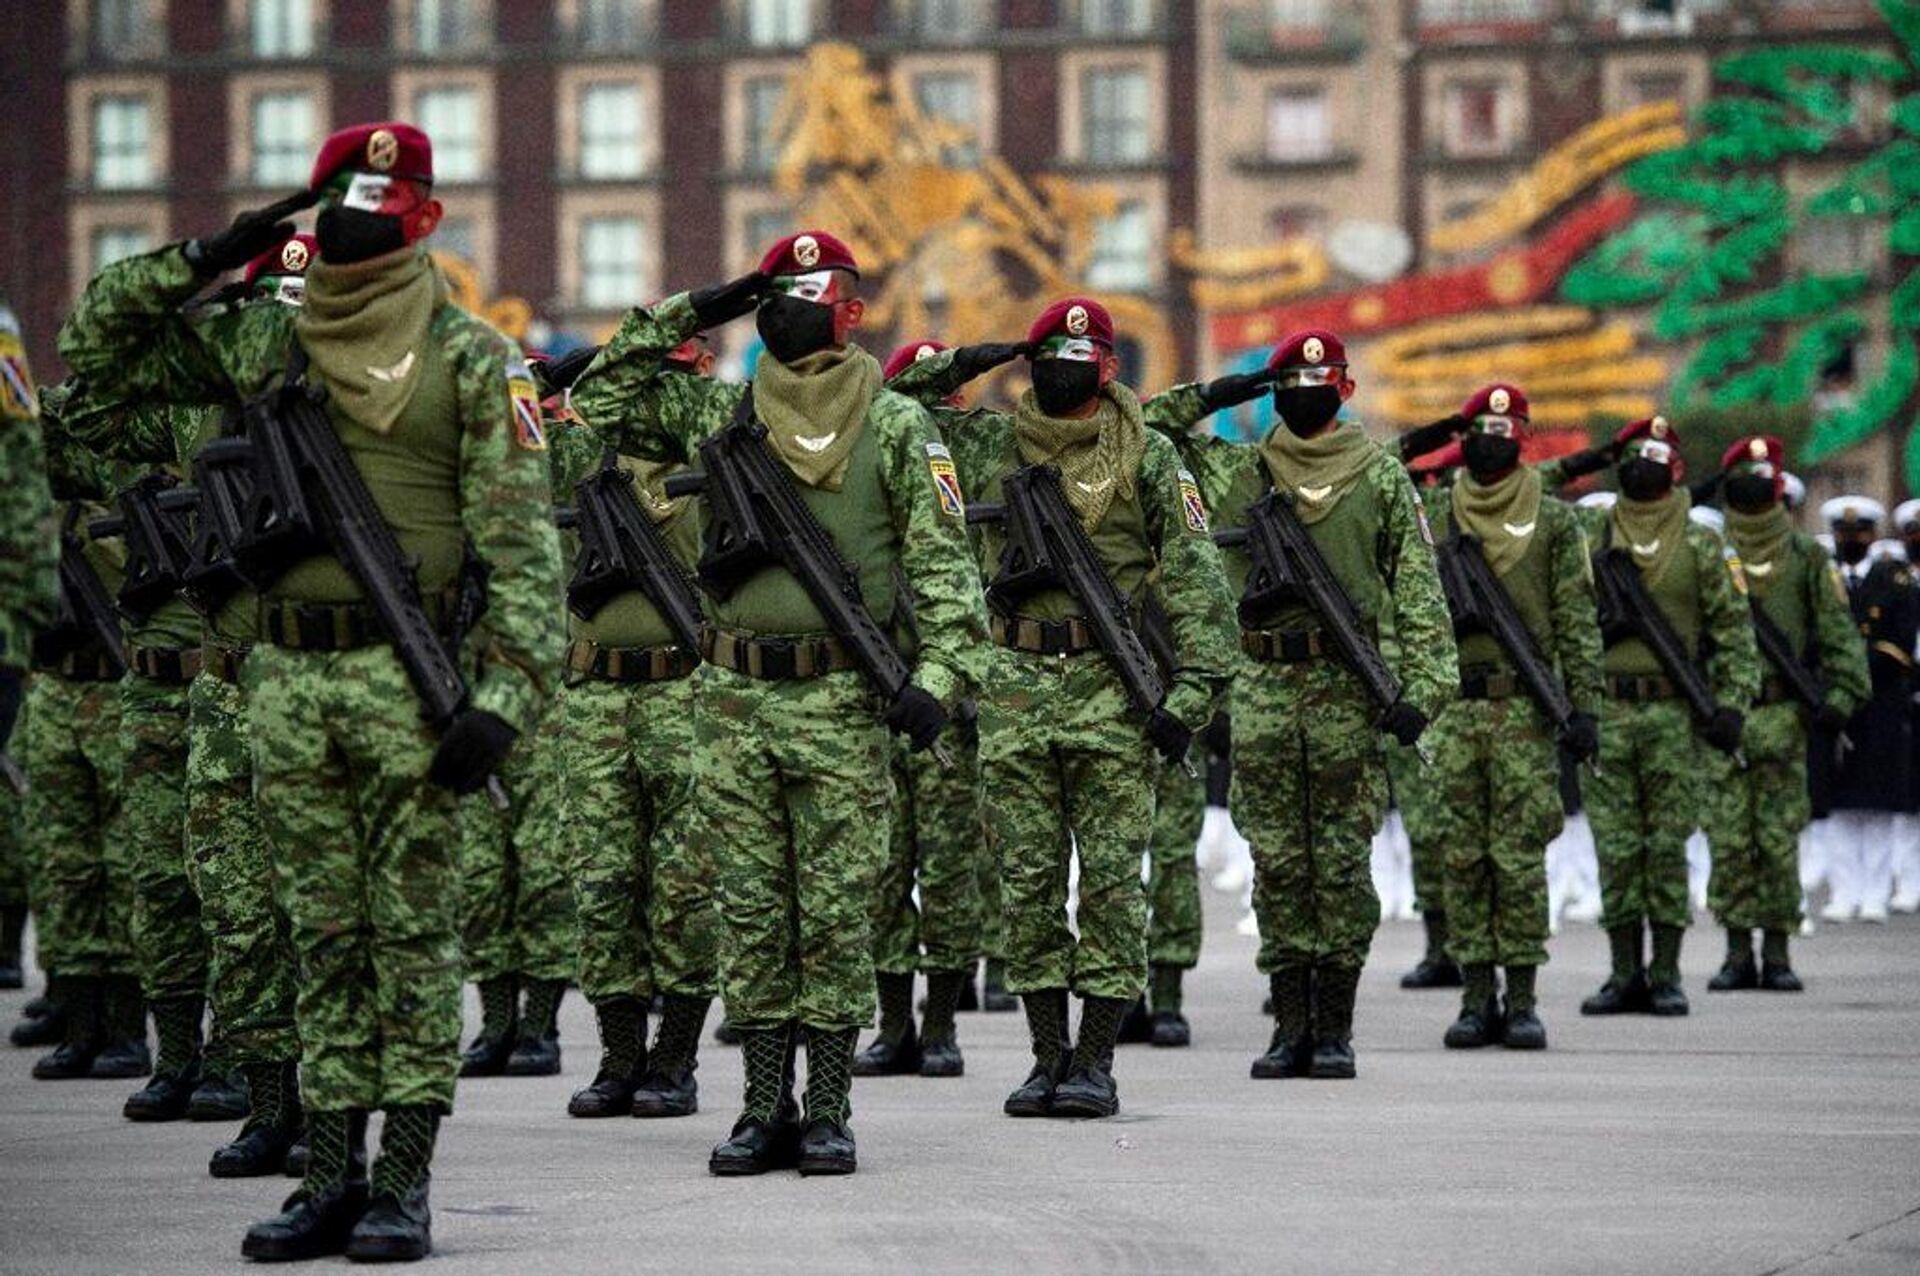 Militares pintaron su rostro con los colores de la bandera de México - Sputnik Mundo, 1920, 16.09.2021